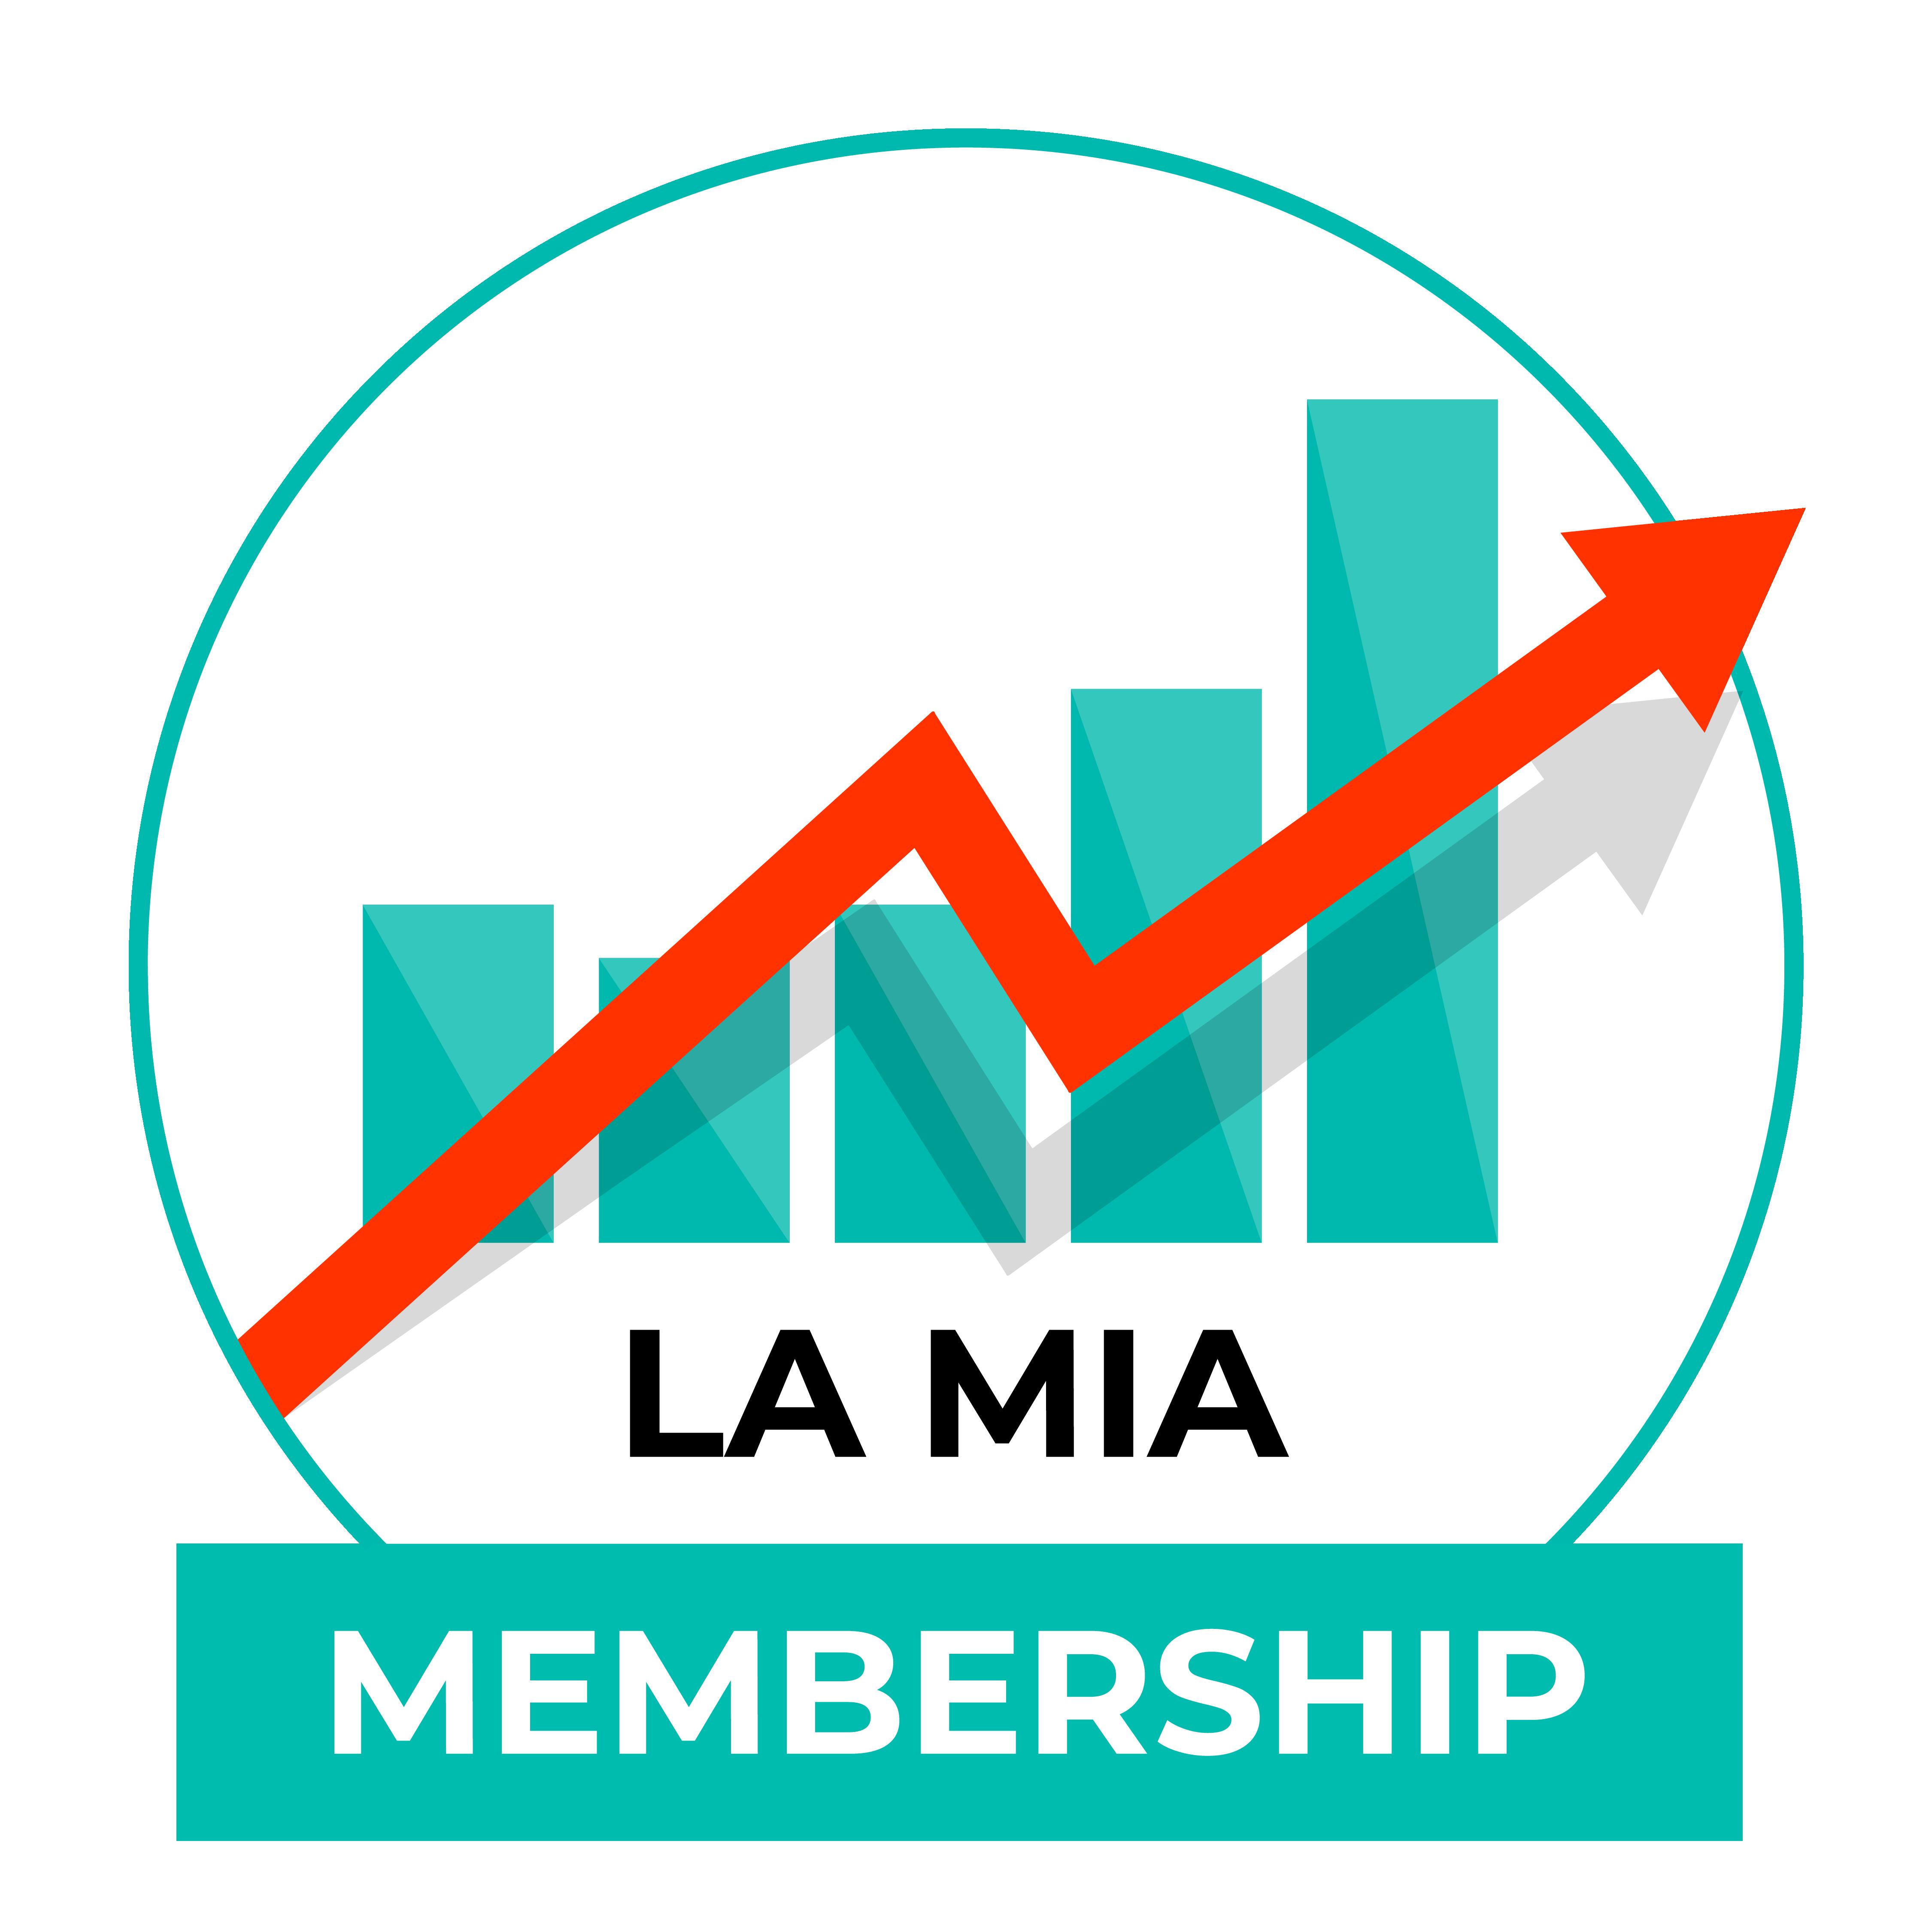 La mia membership